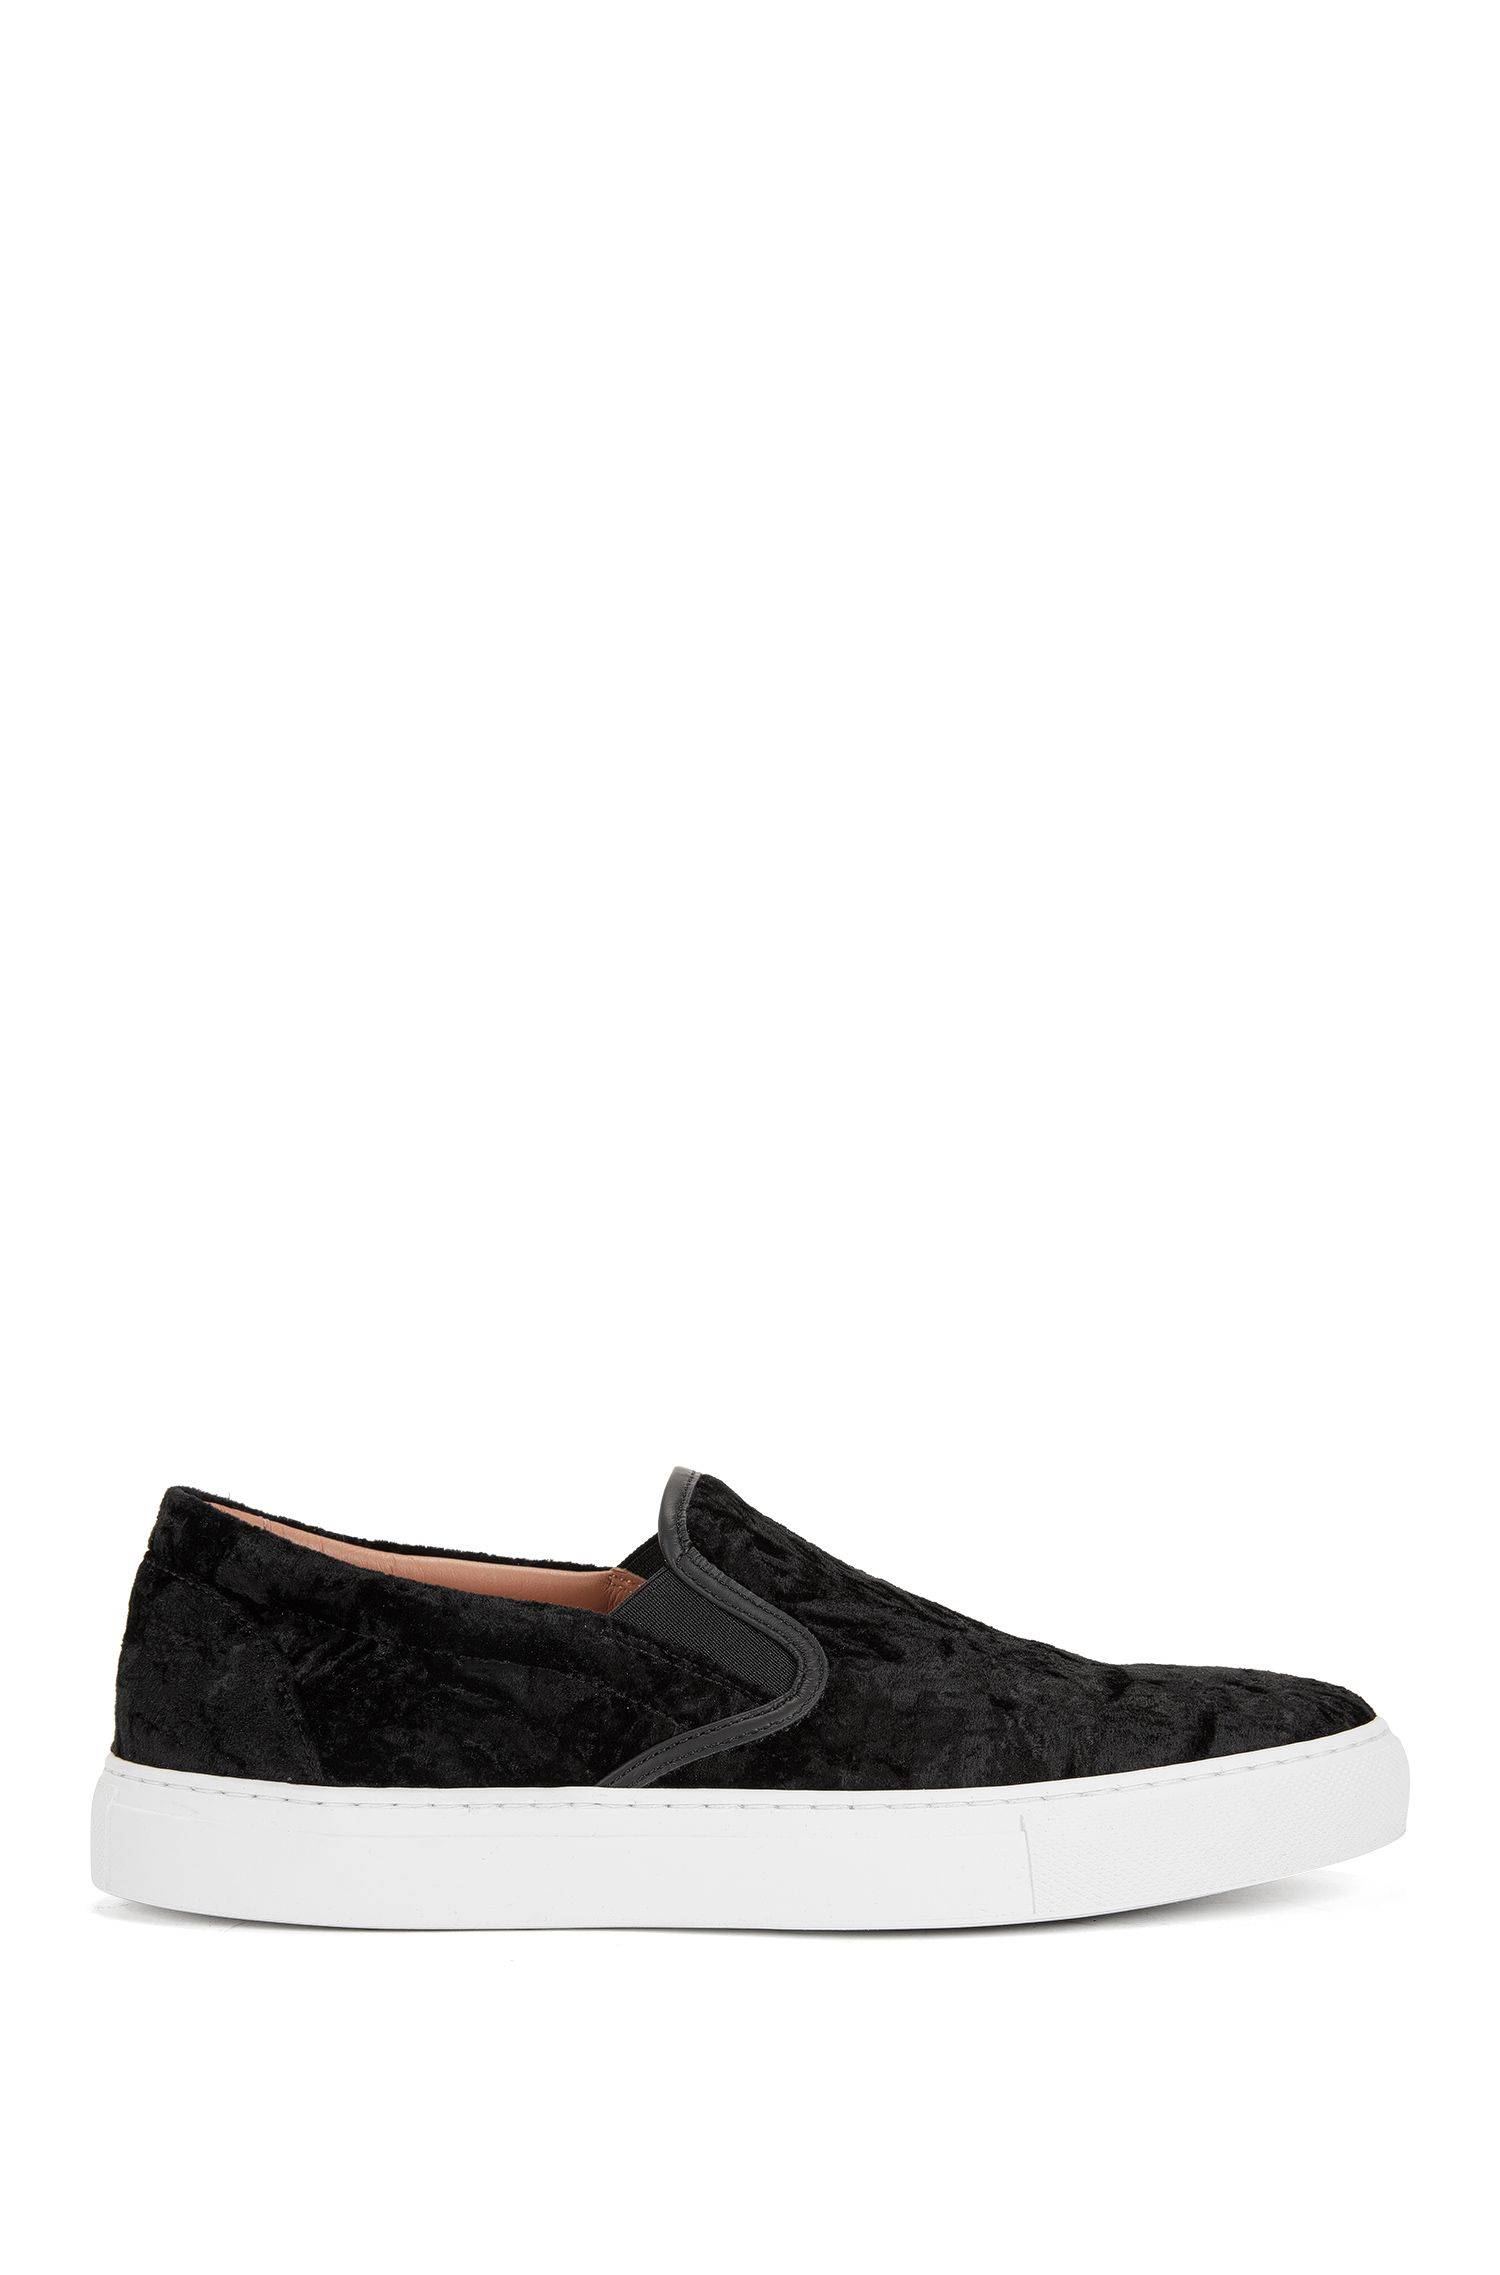 Velvet Slip-On Sneaker   Kate Slip On VL